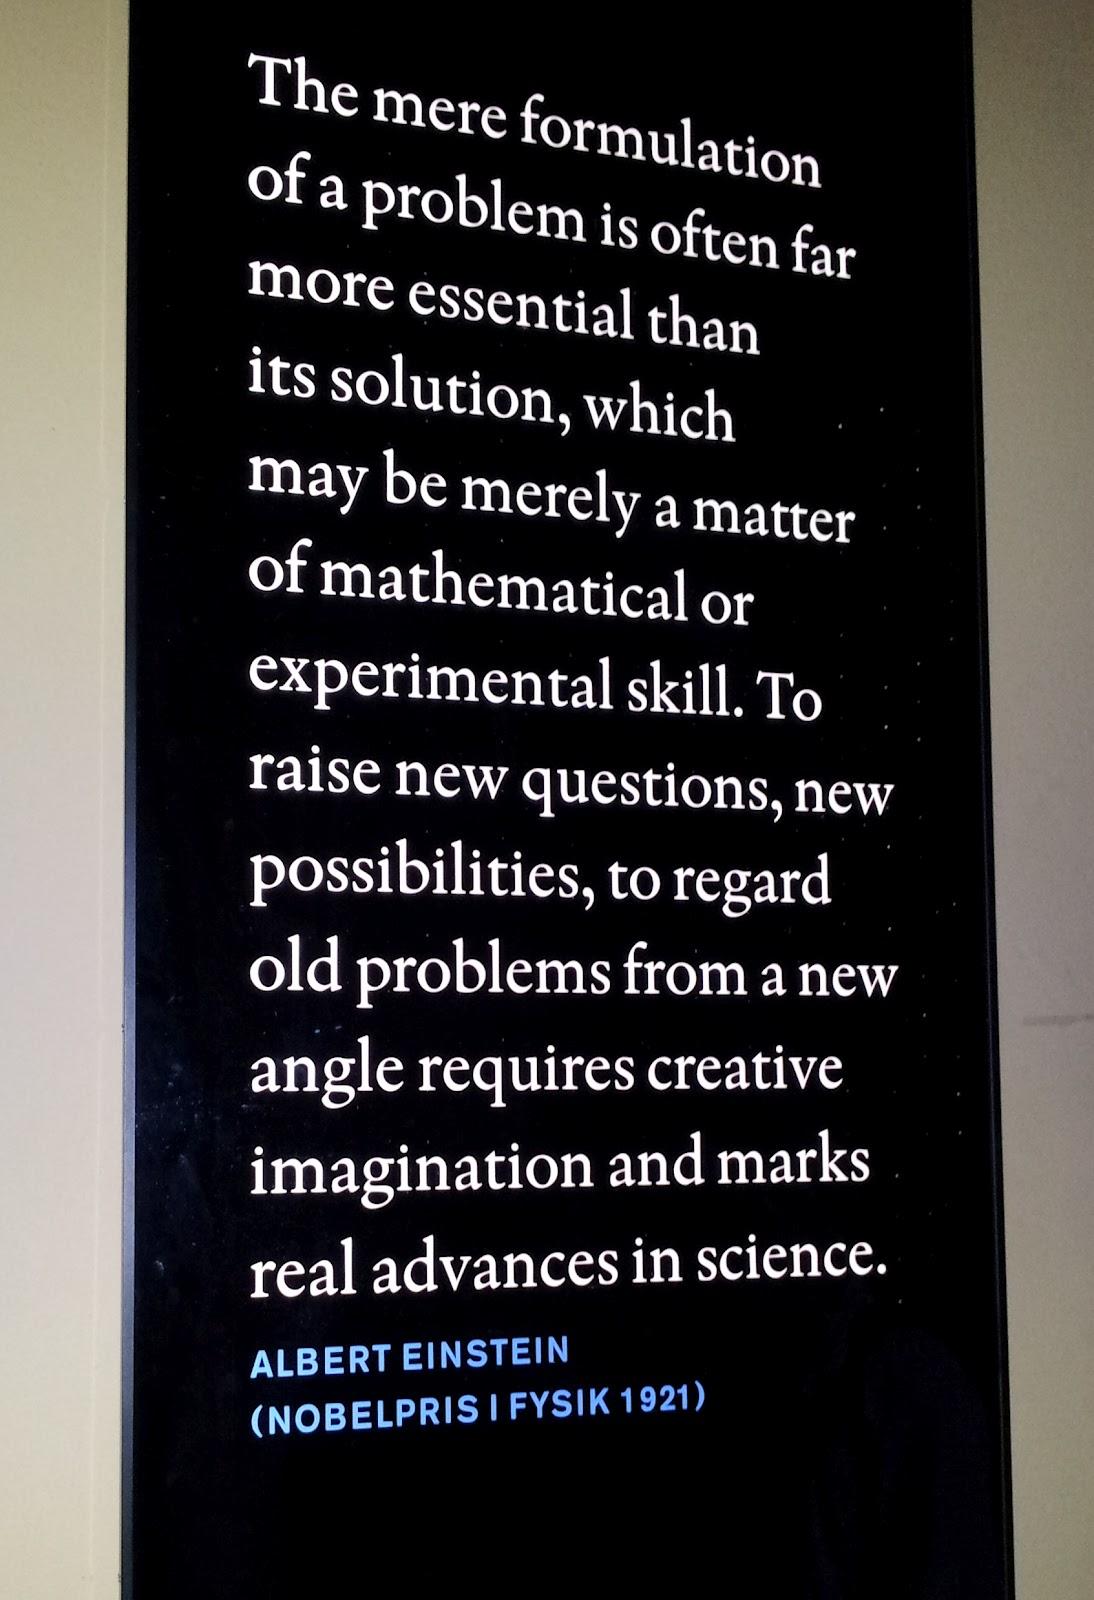 Museum quote #1